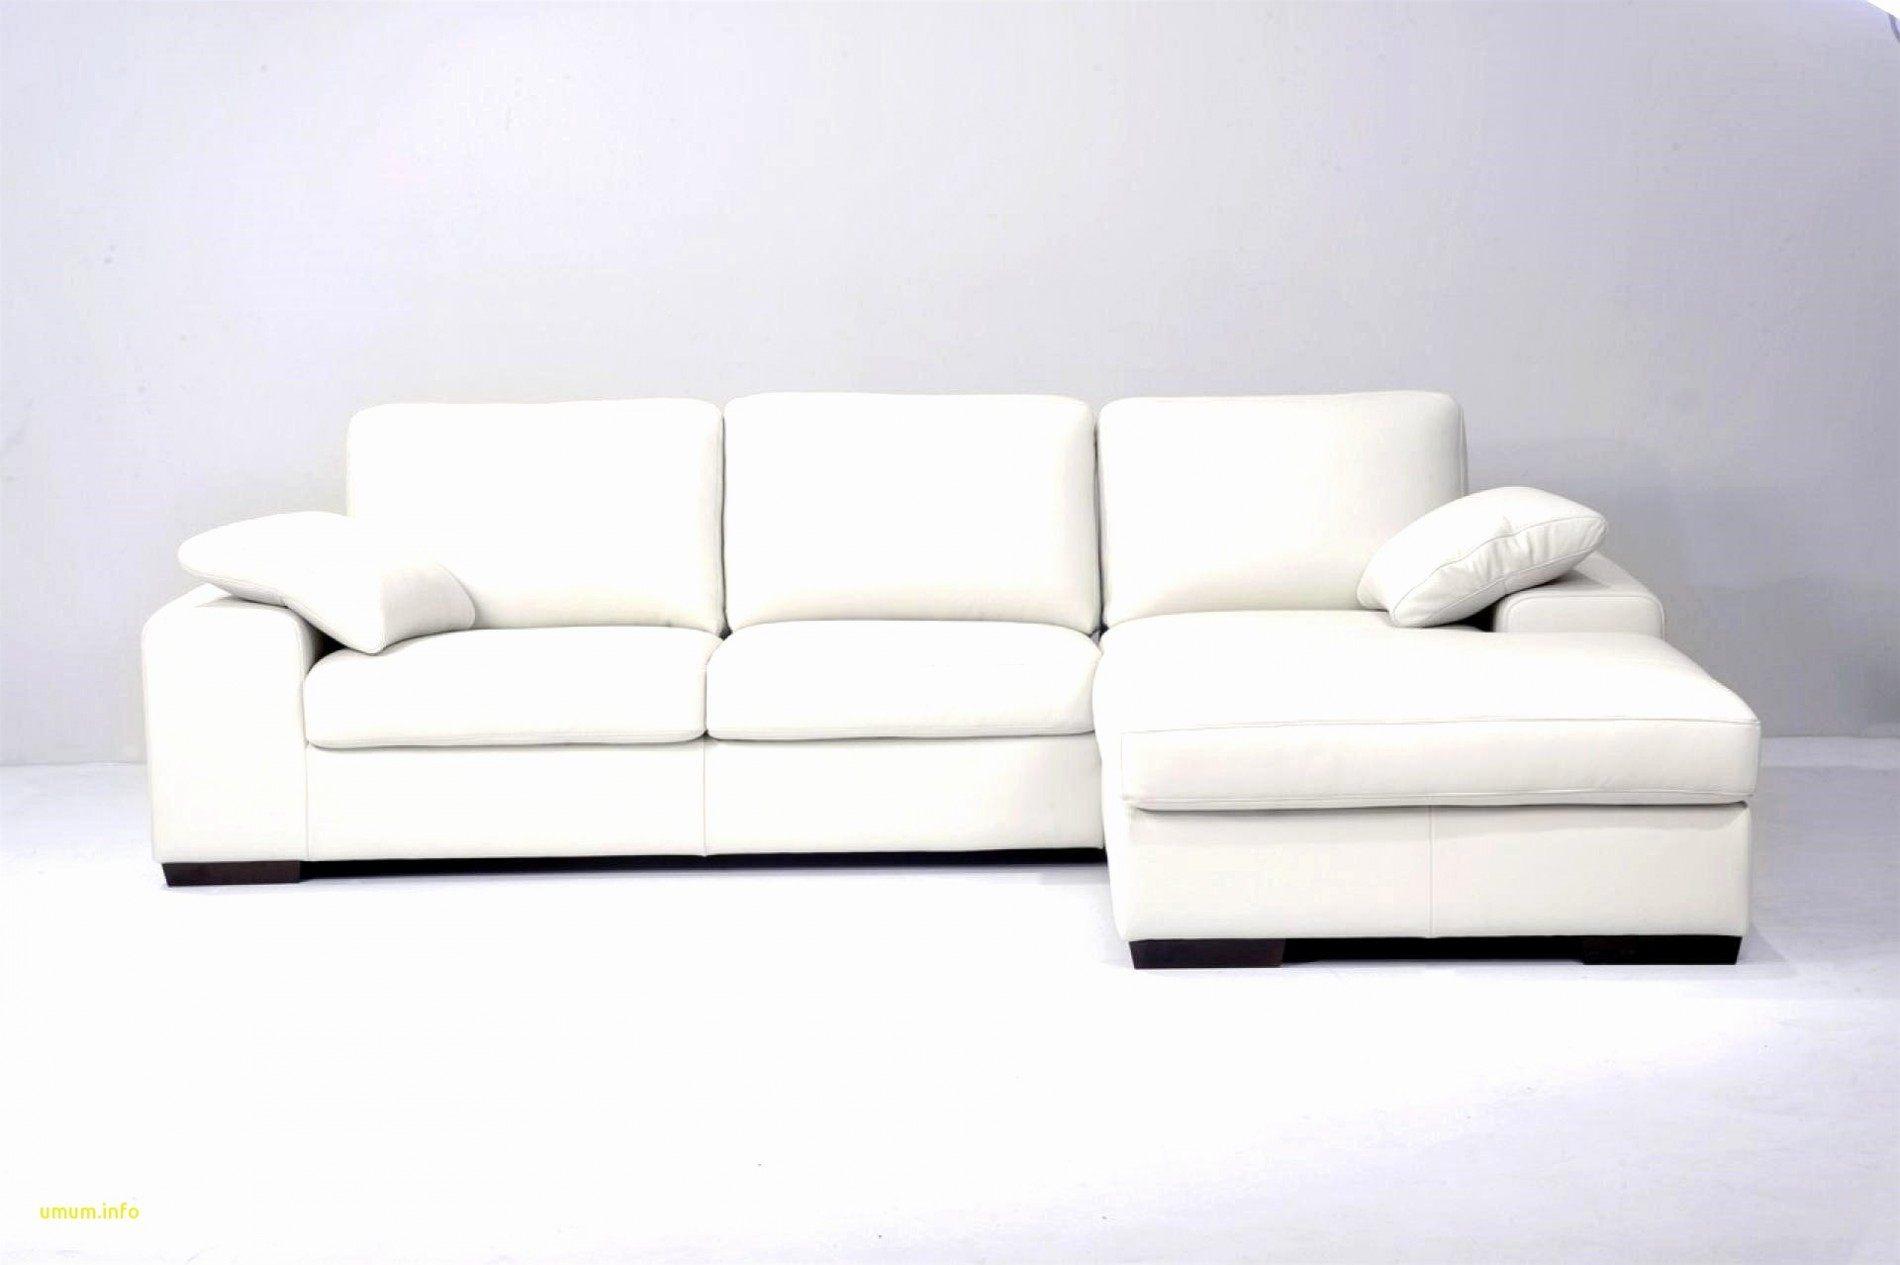 Canapé Lit Blanc Lesmeubles Canapé Vintage Cuir — Lesmeubles